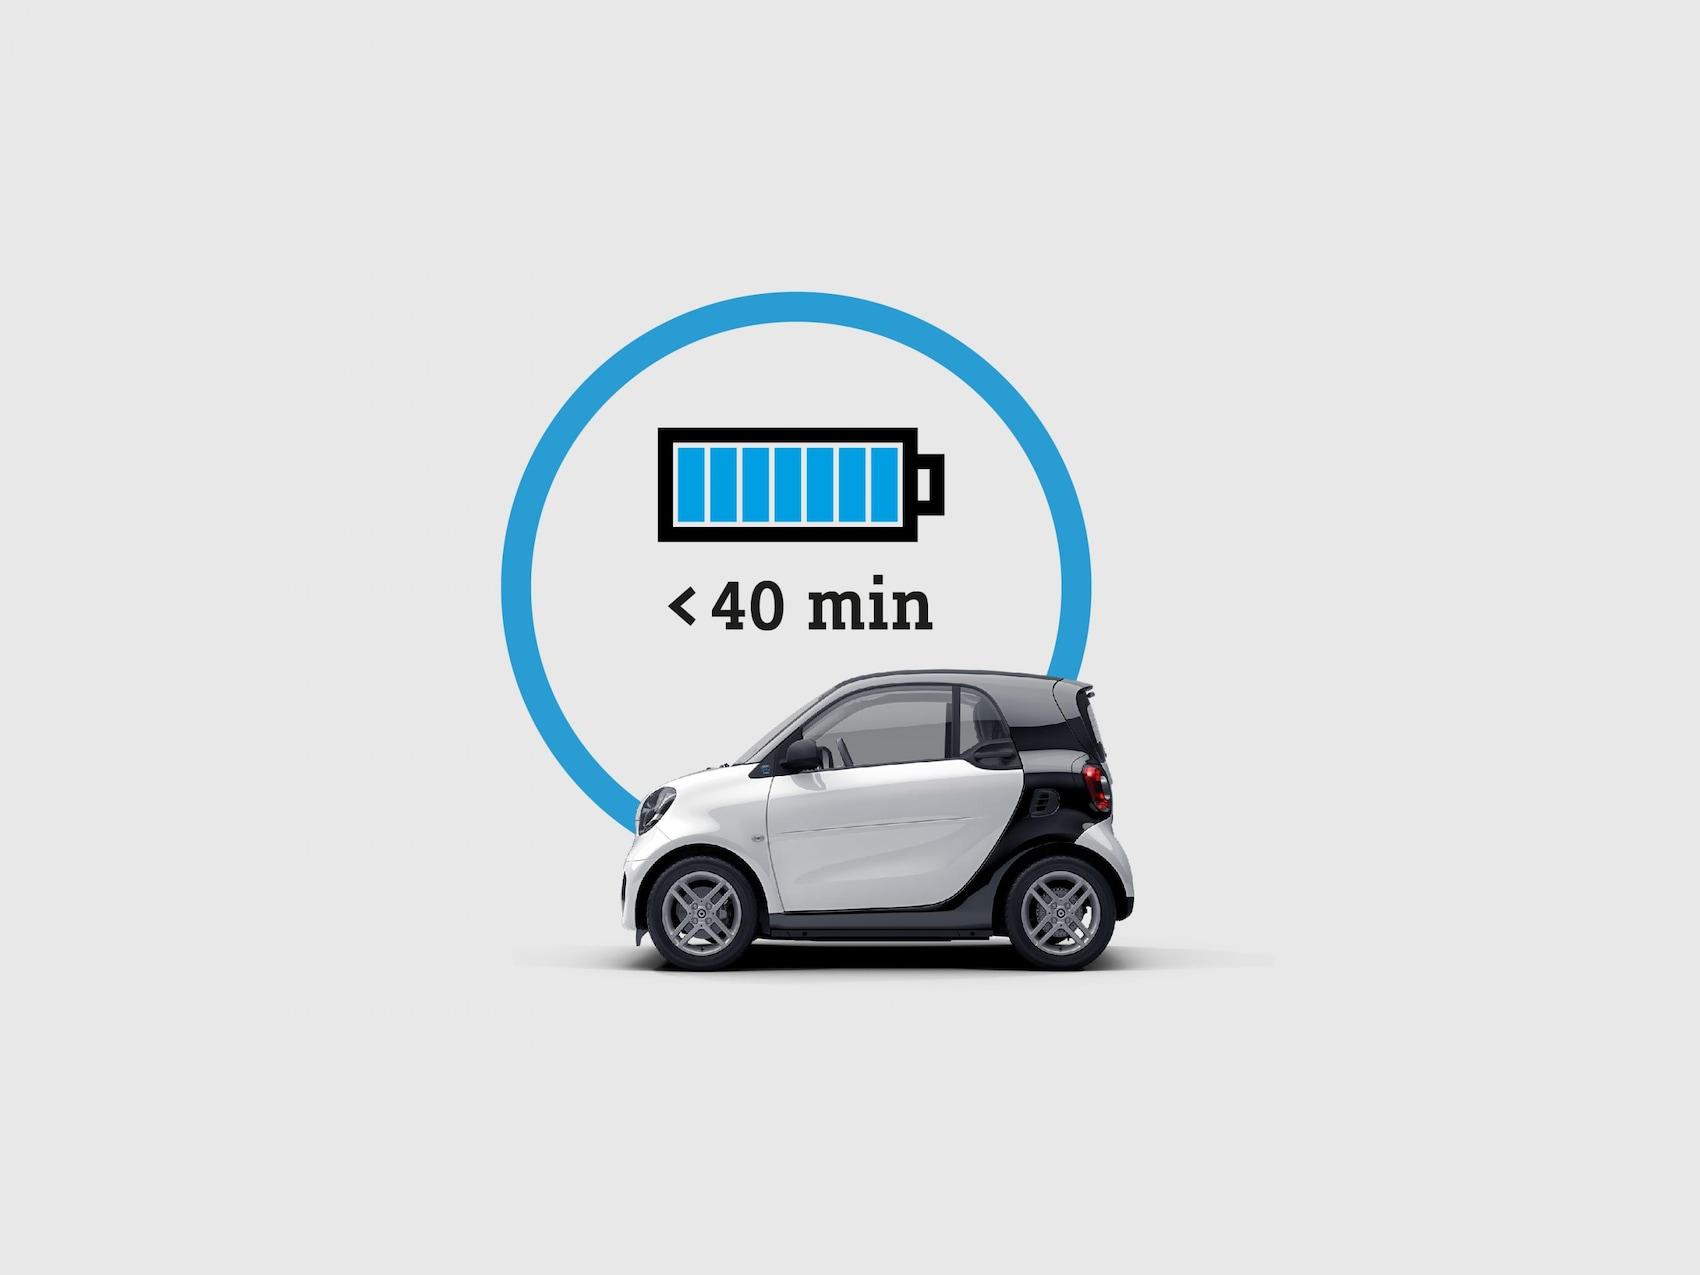 Całkowicie naładowany akumulator w czasie poniżej 40 minut przy pomocy ładowarki 22 kW.